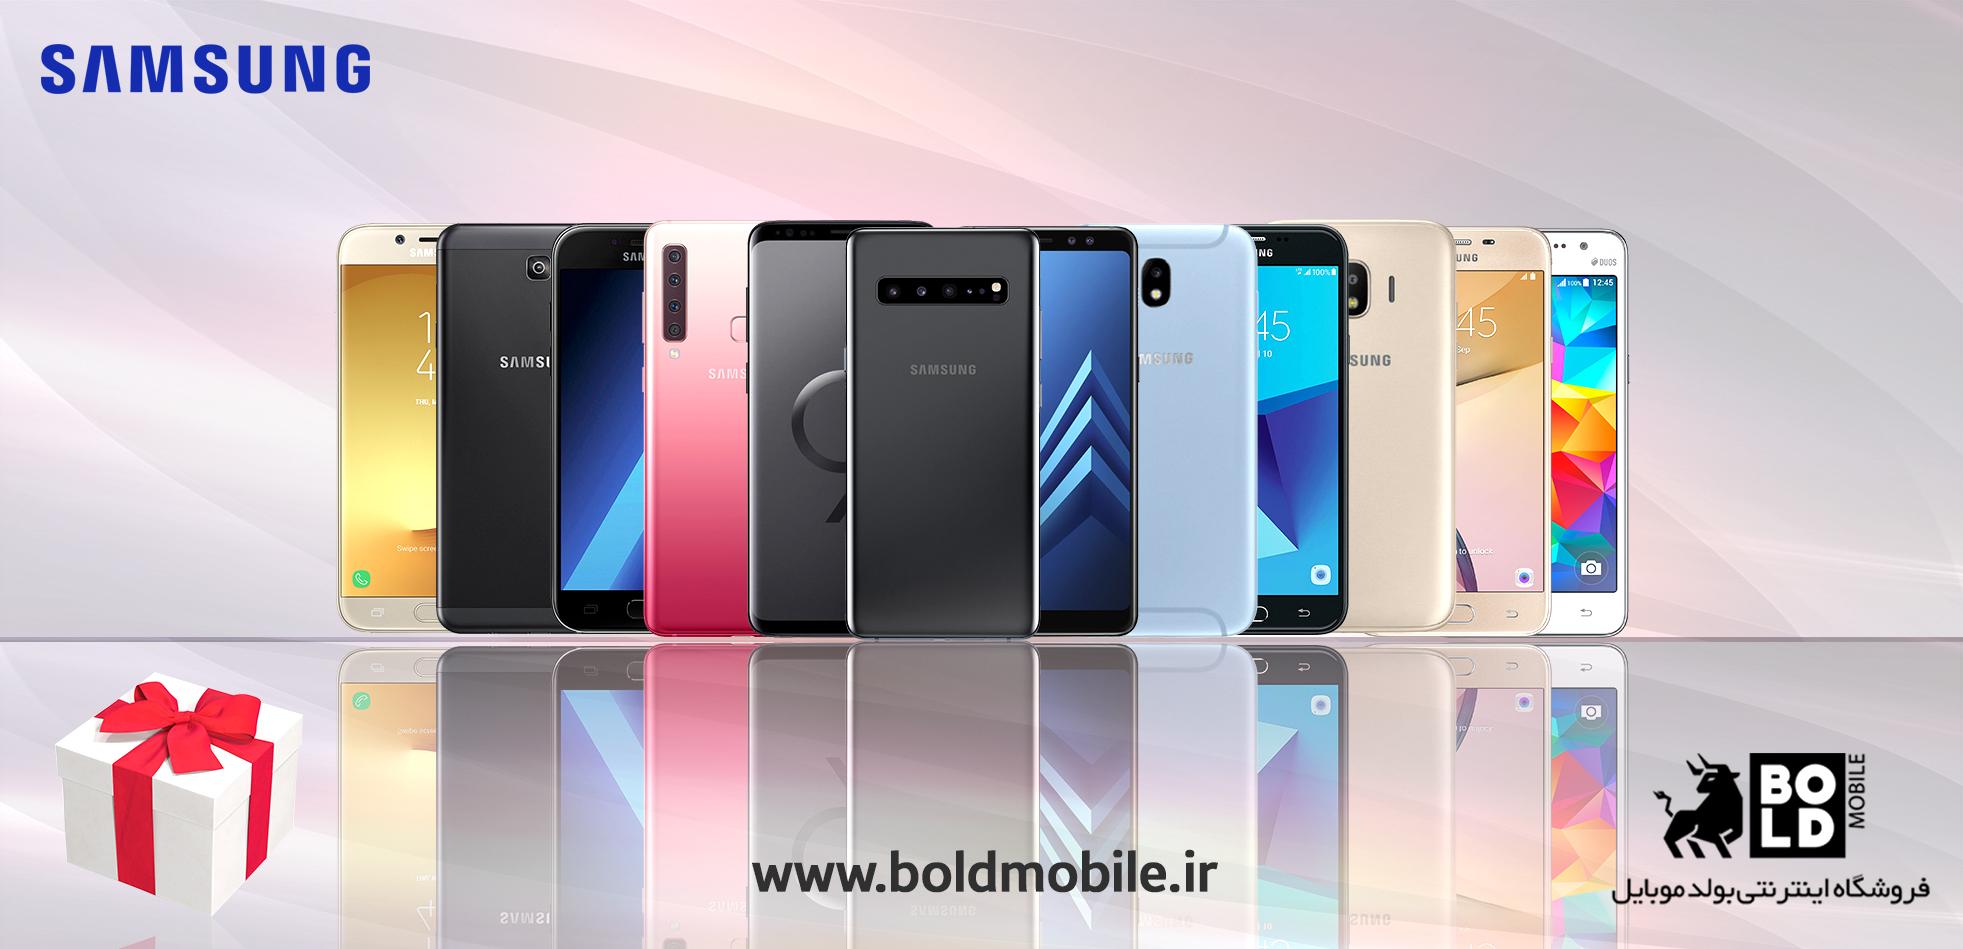 فروش انواع گوشیهای تلفن همراه سامسونگ با قیمتهای استثنائی و هدایای ویژه